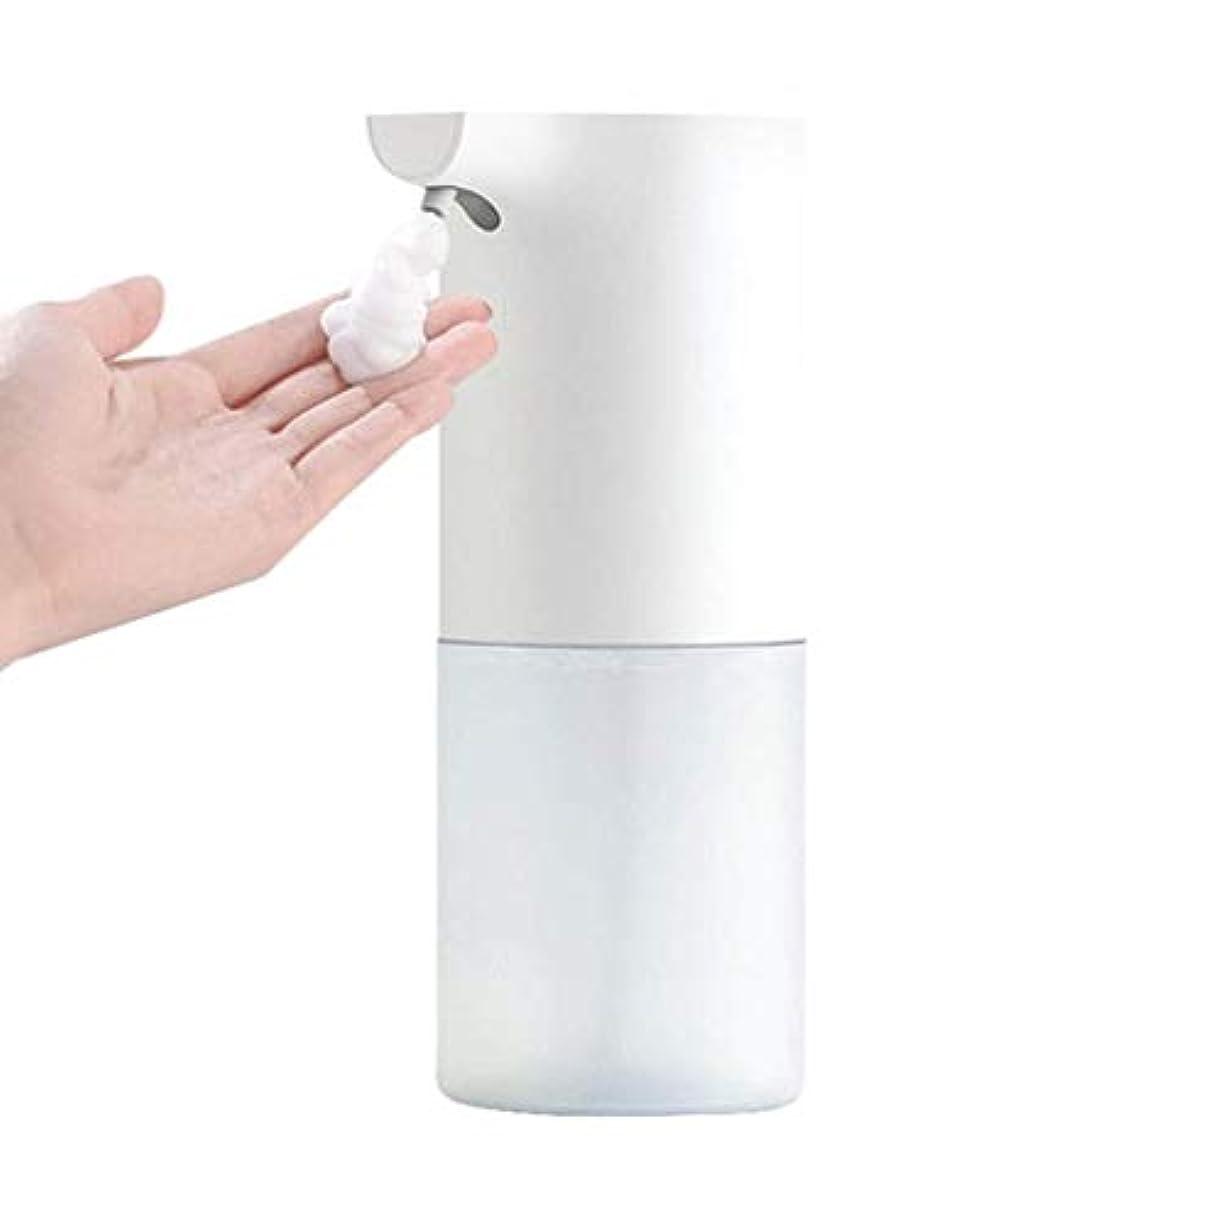 干渉する切り離すドレス誘導接触無料ハンドソープボトル手洗い自動洗濯携帯電話浴室キッチンプラスチック材料ローション(色:白、サイズ:7.3 * 7.3 * 19 cm) (Color : White, Size : 7.3*7.3*19cm)